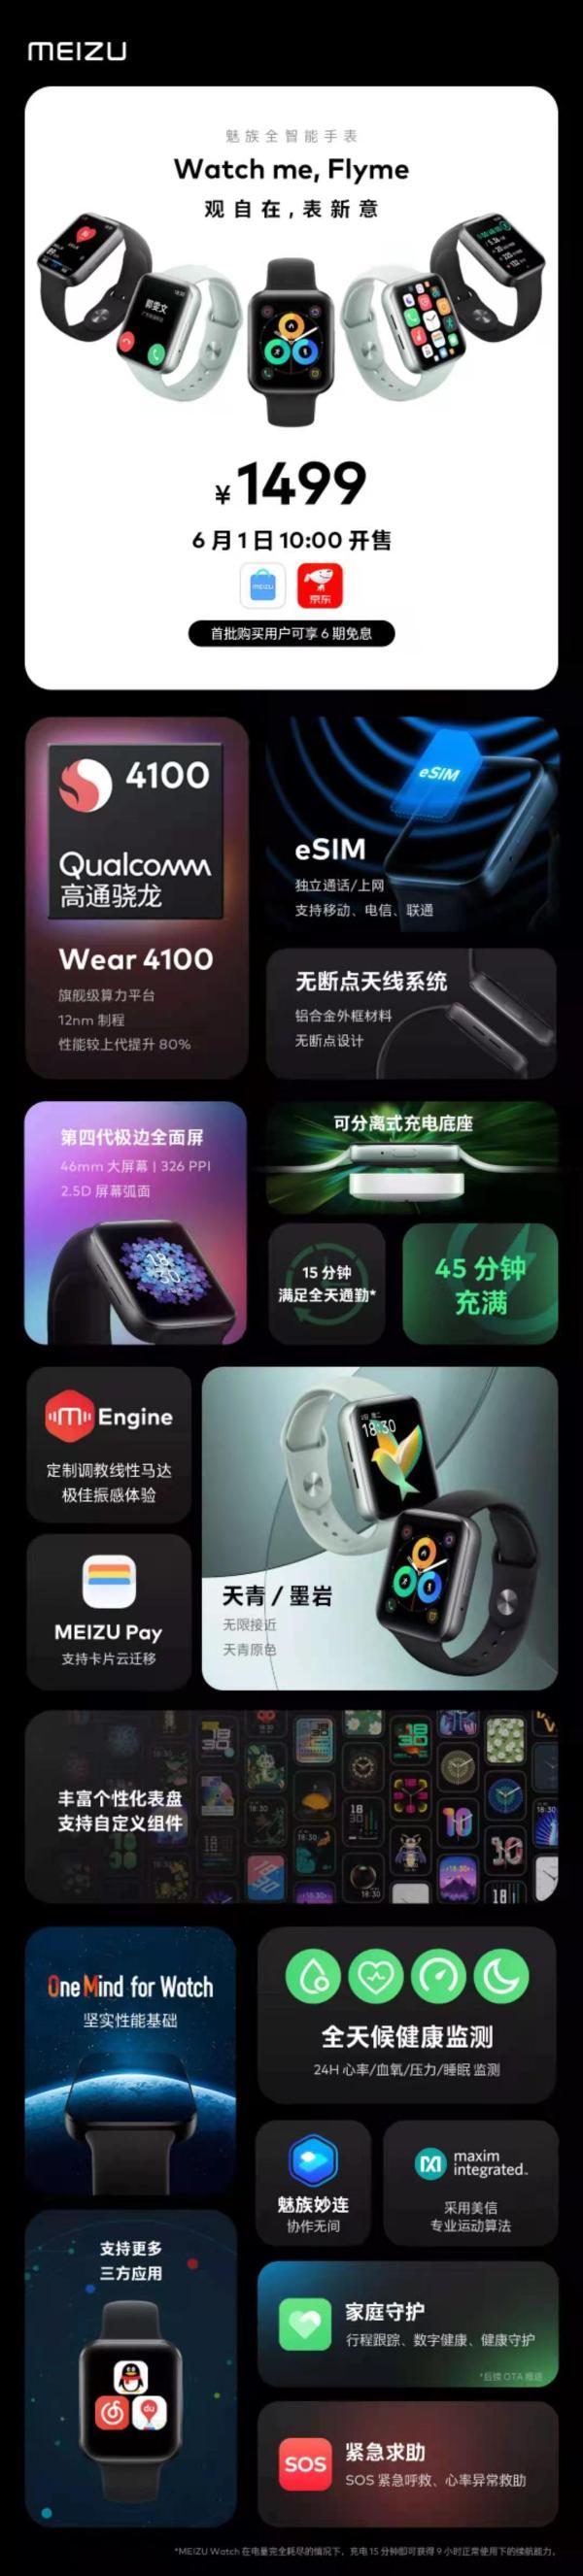 魅族全智能手表1499元:骁龙4100芯片 支持eSIM